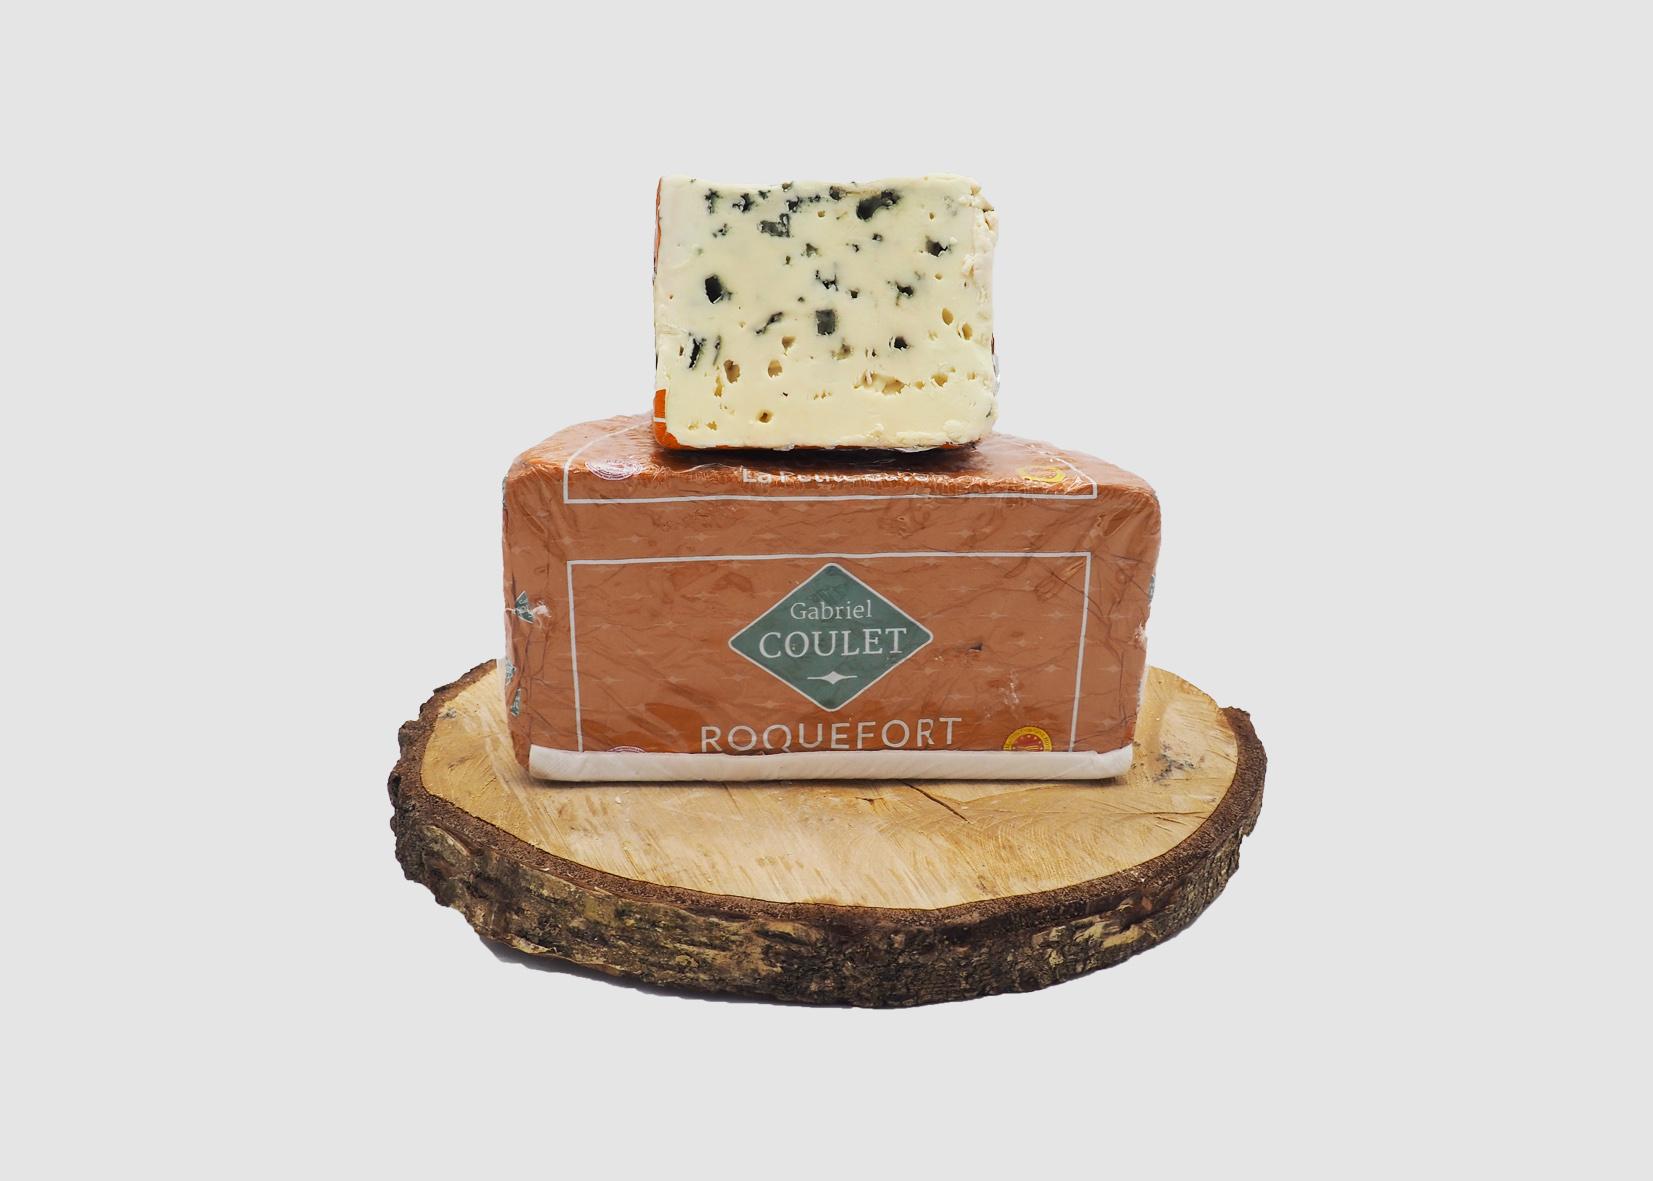 roquefort-gabriel-coulet-fromage-napoleon-vente-en-ligne